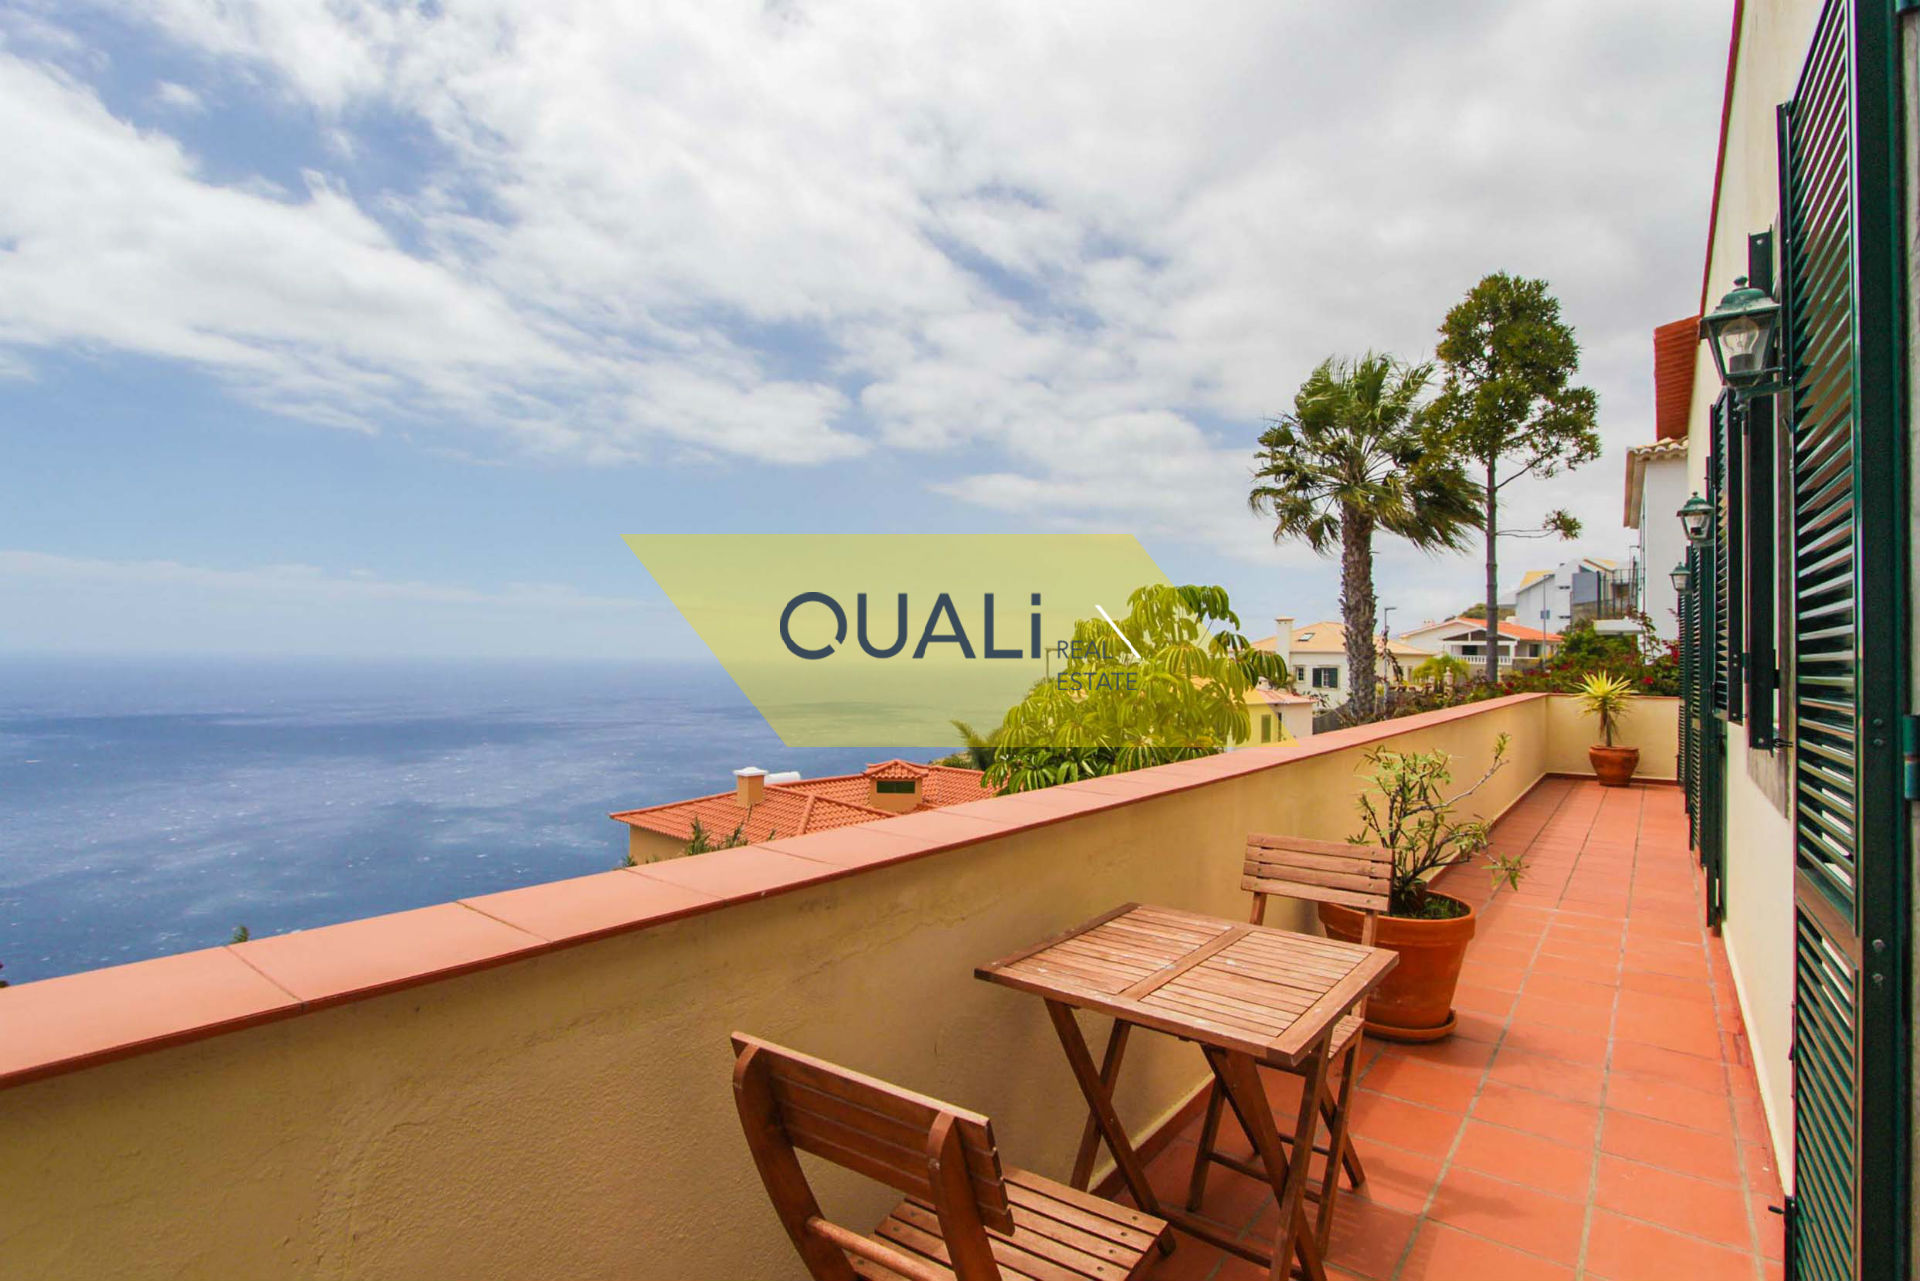 Moradia com 3 Quartos e 2 apartamentos T0 à venda - Ilha da Madeira. €599.000,00